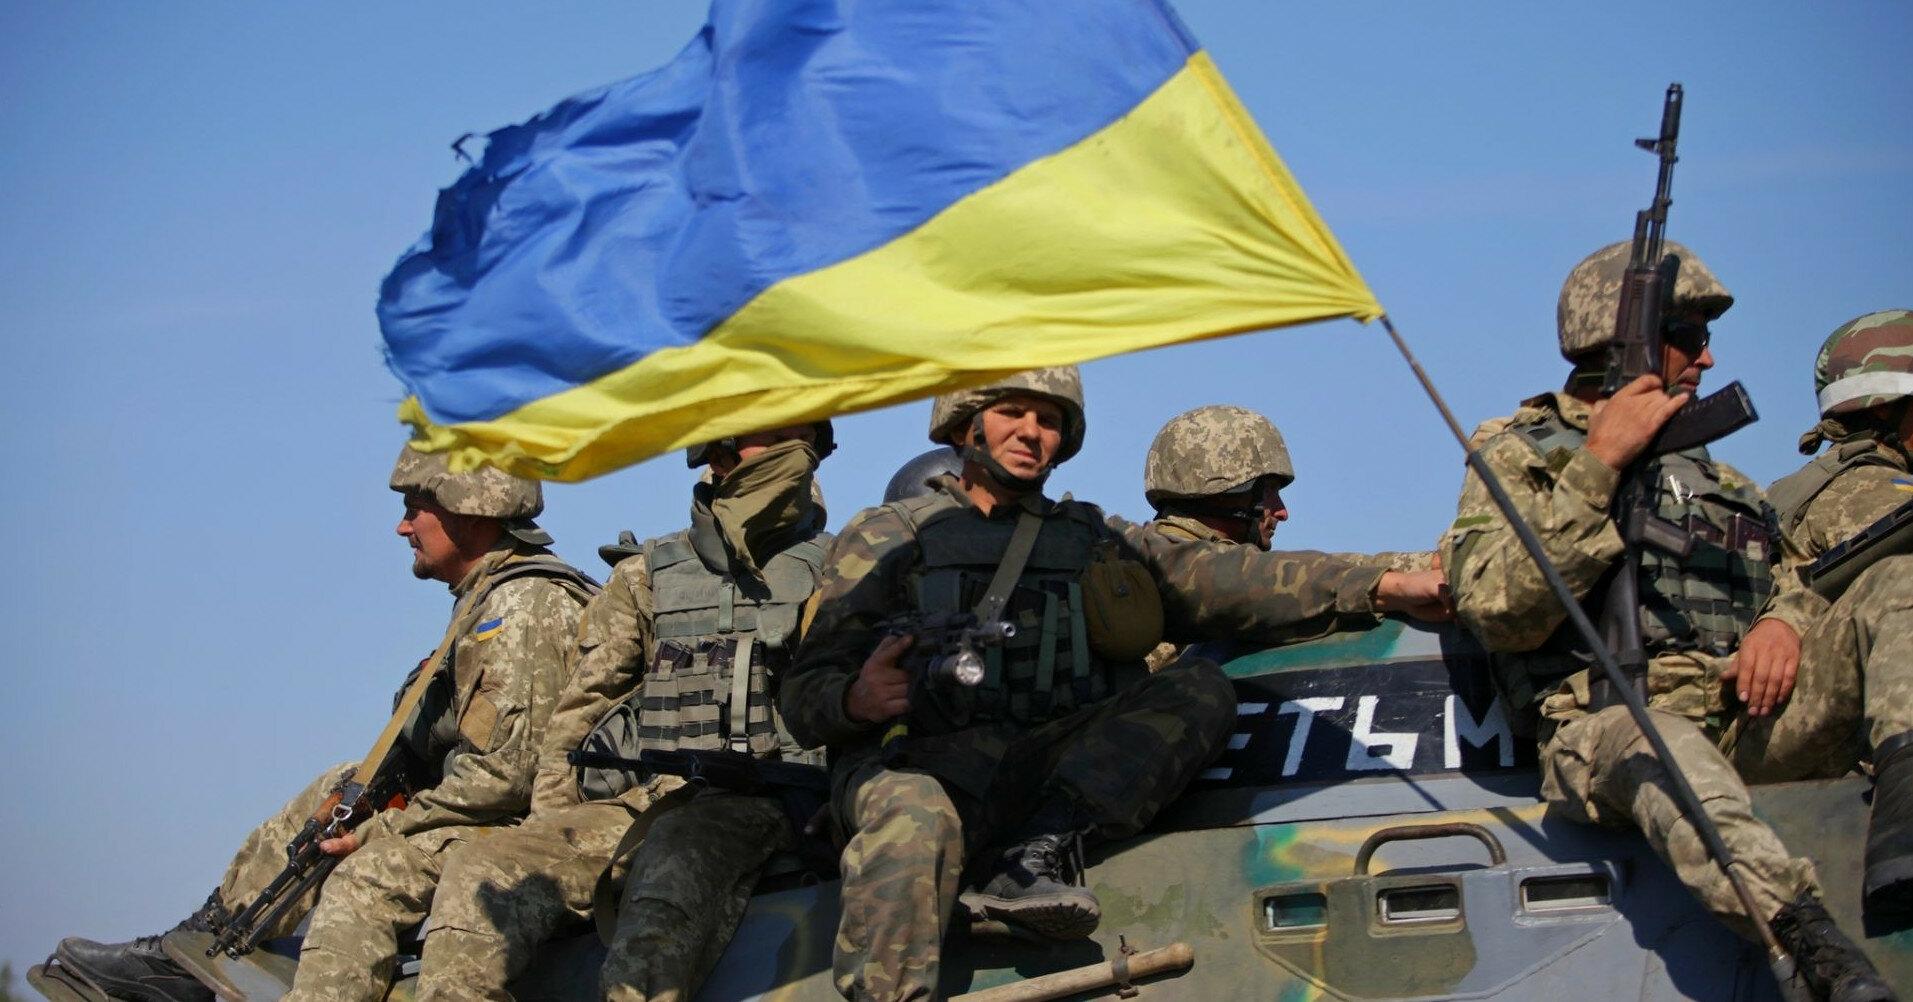 Литва намерена предоставить дополнительную помощь украинской армии